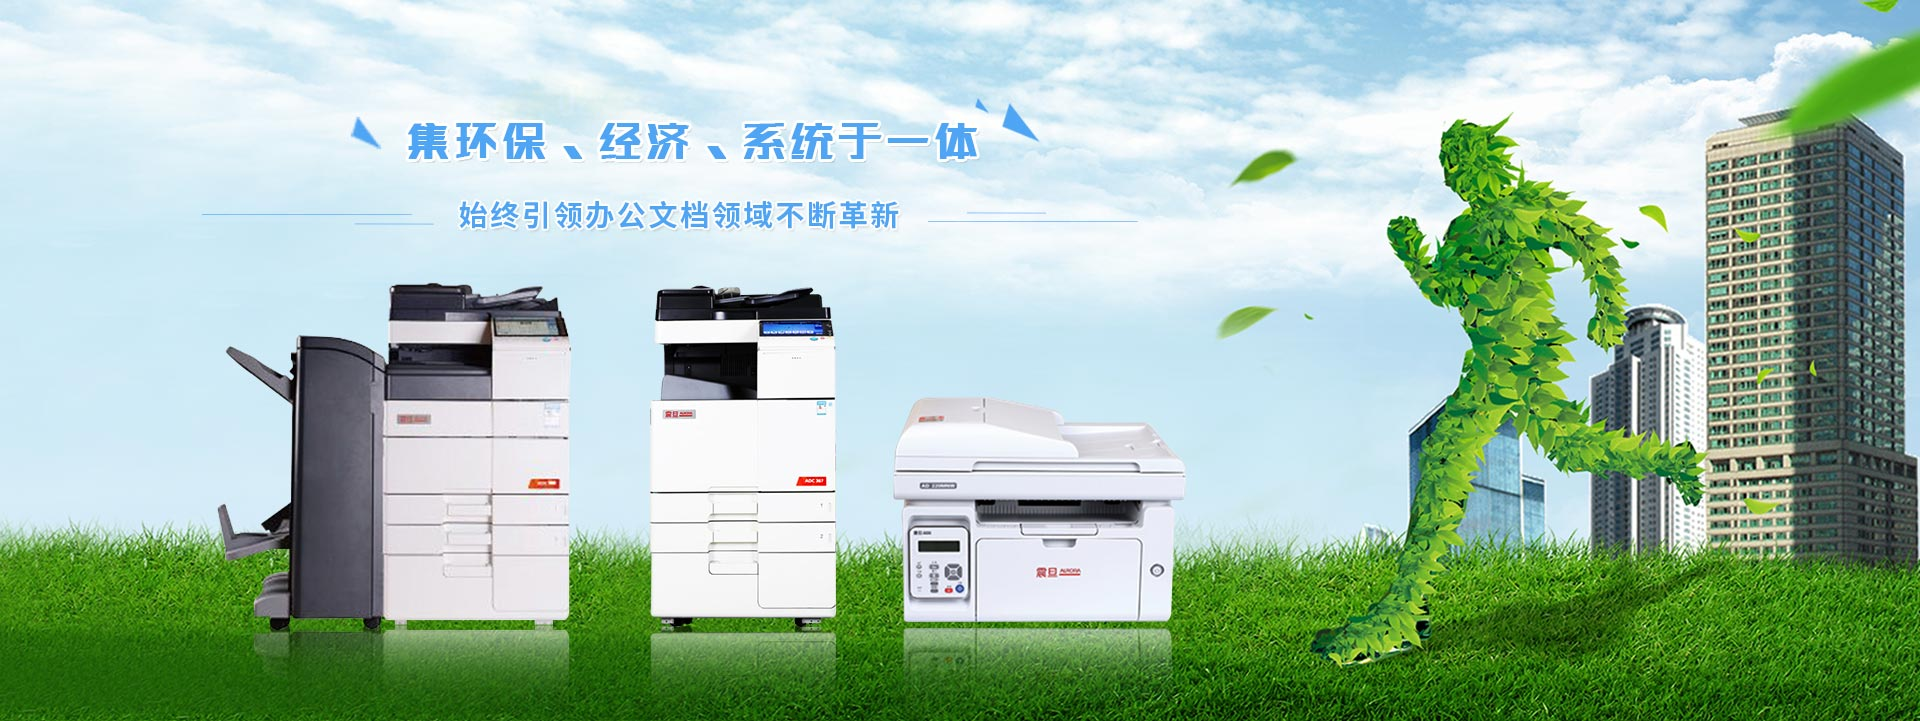 上海复印机租赁